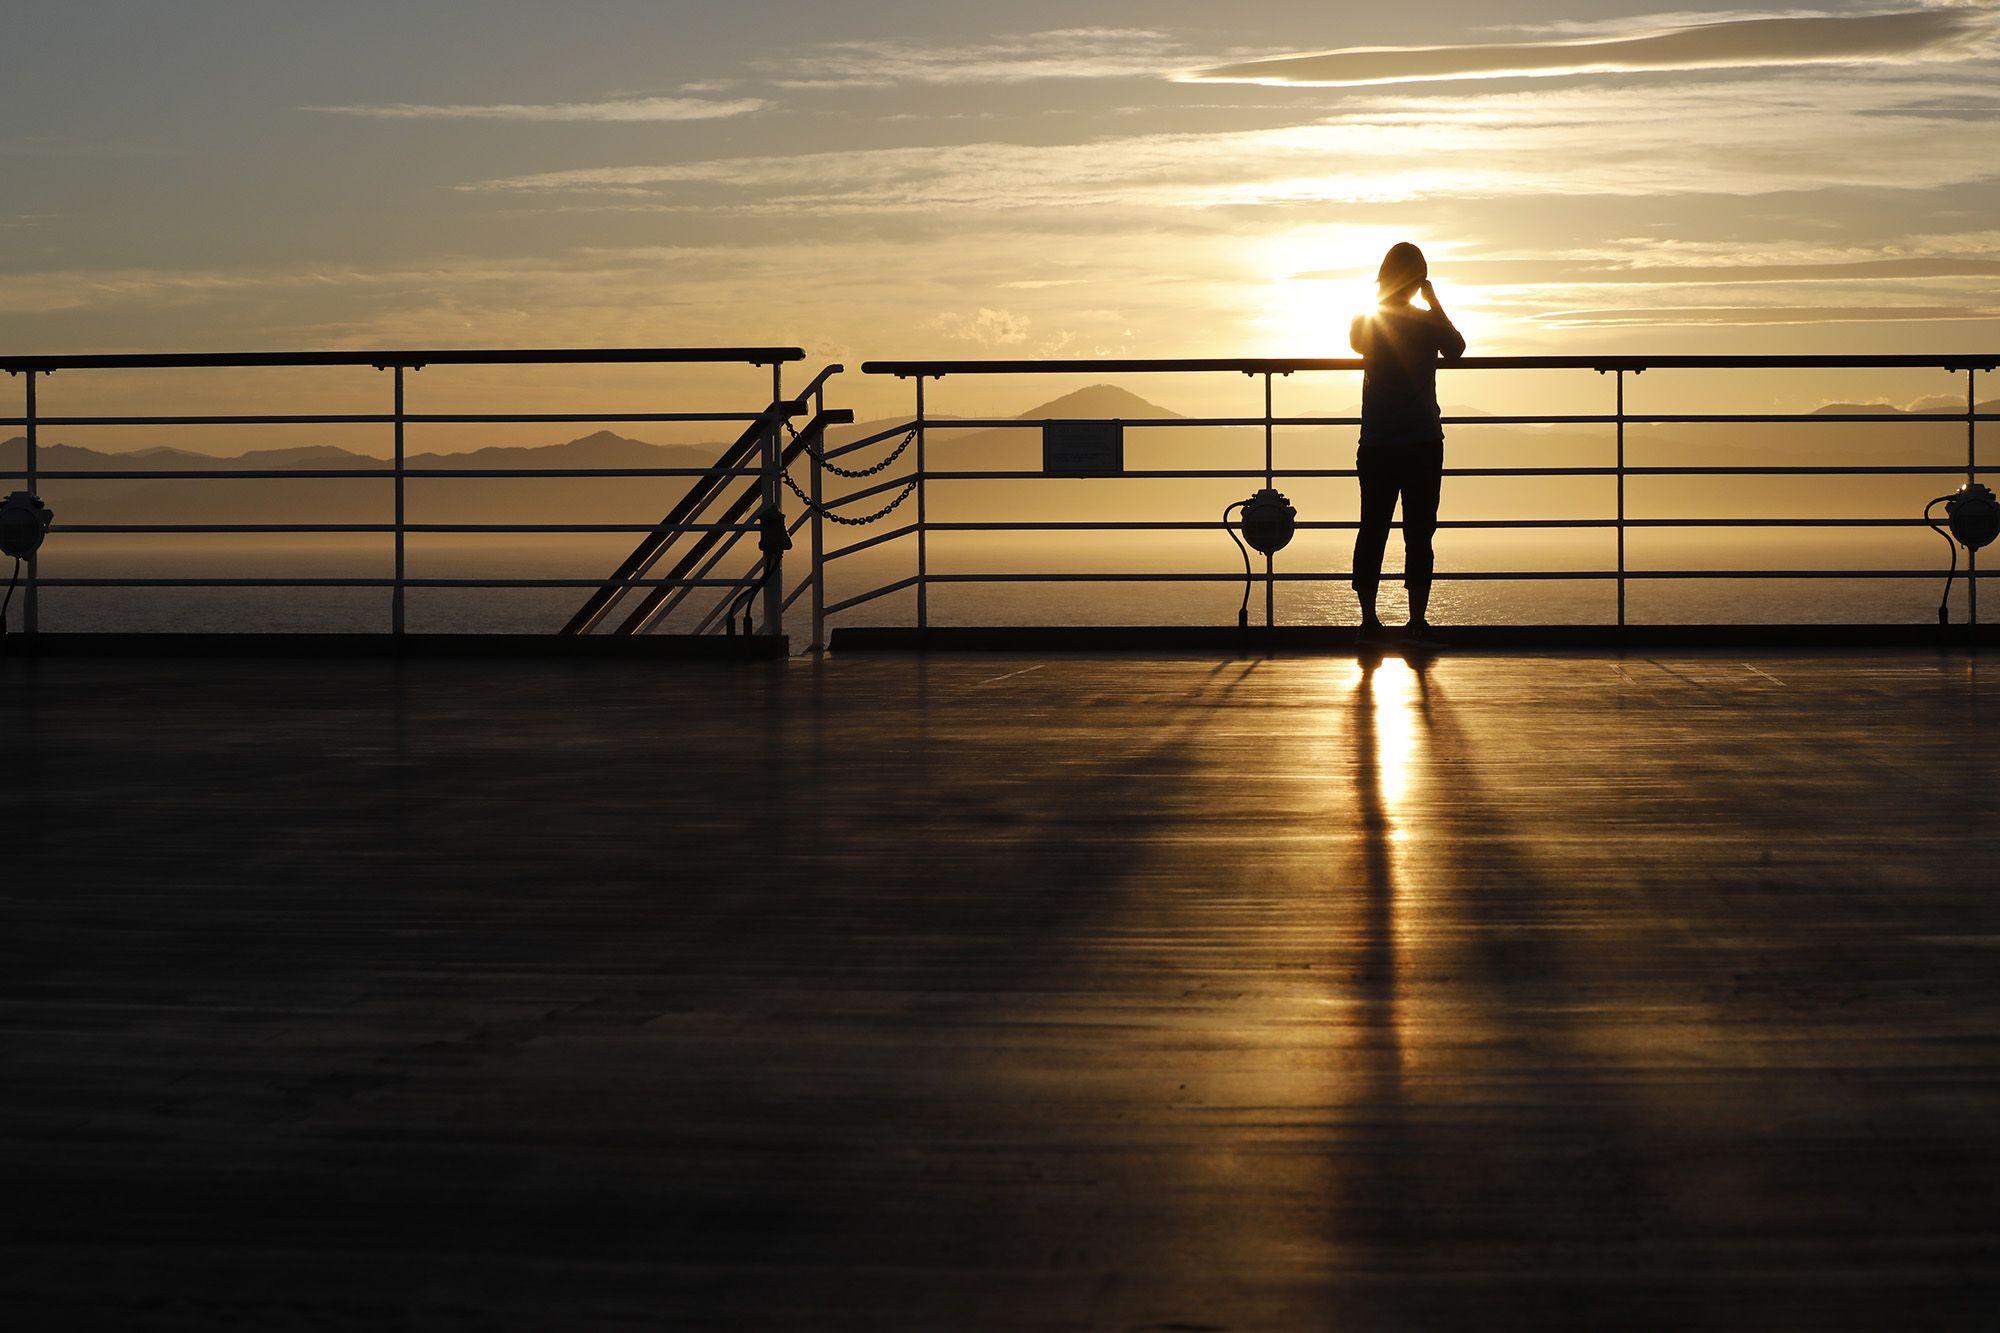 夕陽に照らされる岬の光景